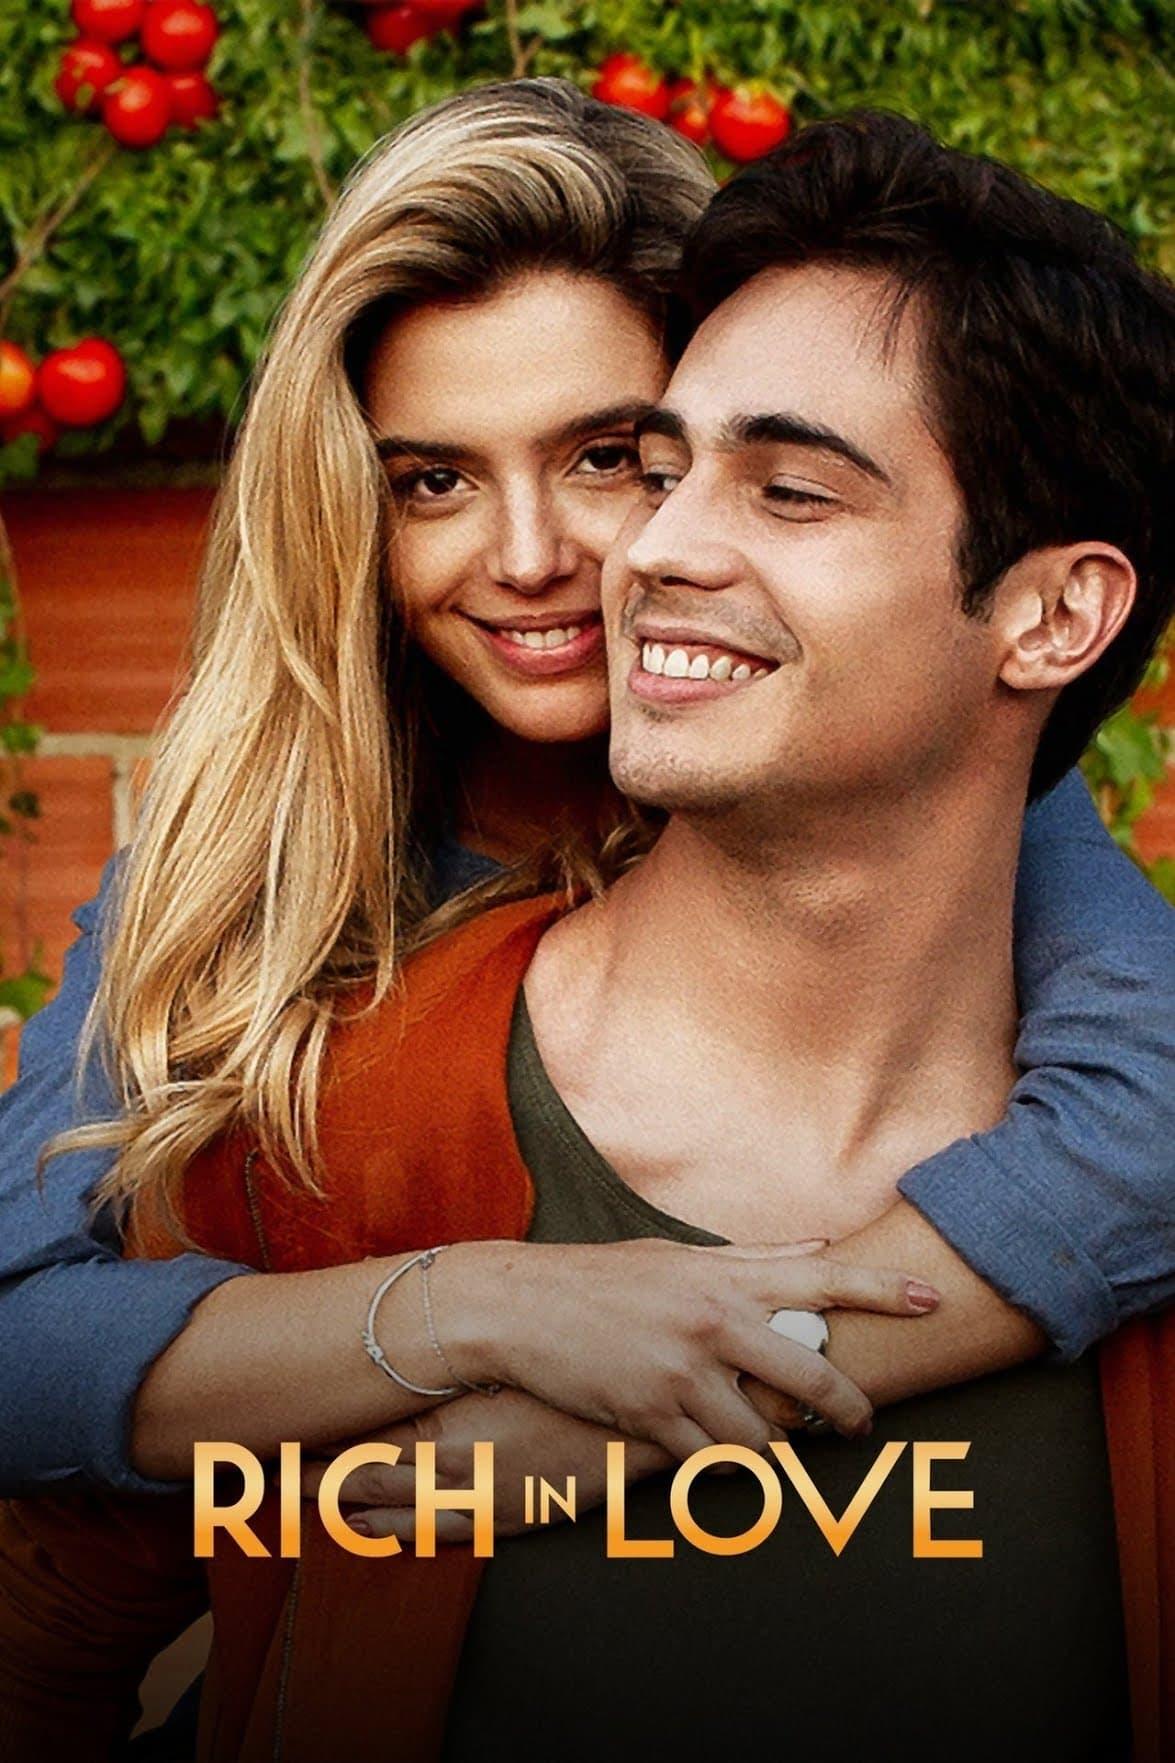 Riche en amour